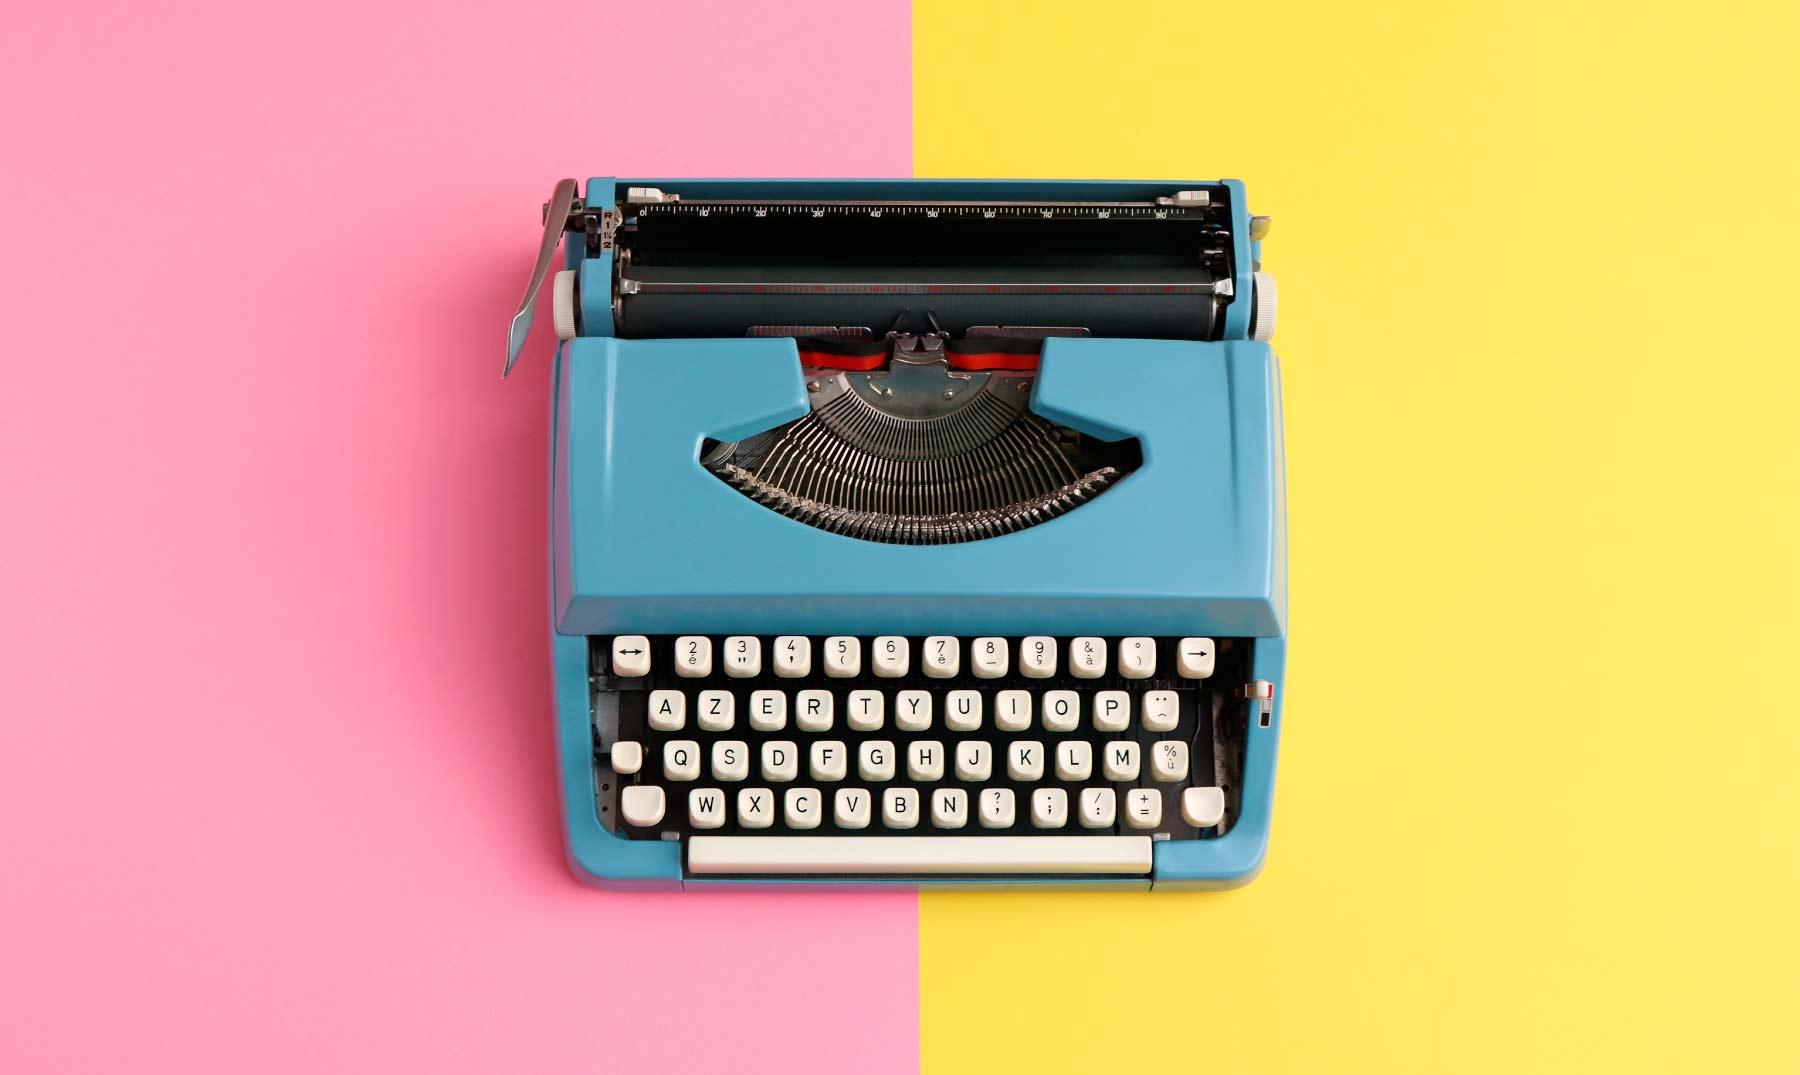 maquina-escribir-sobre-fondo-rosa-amarillo